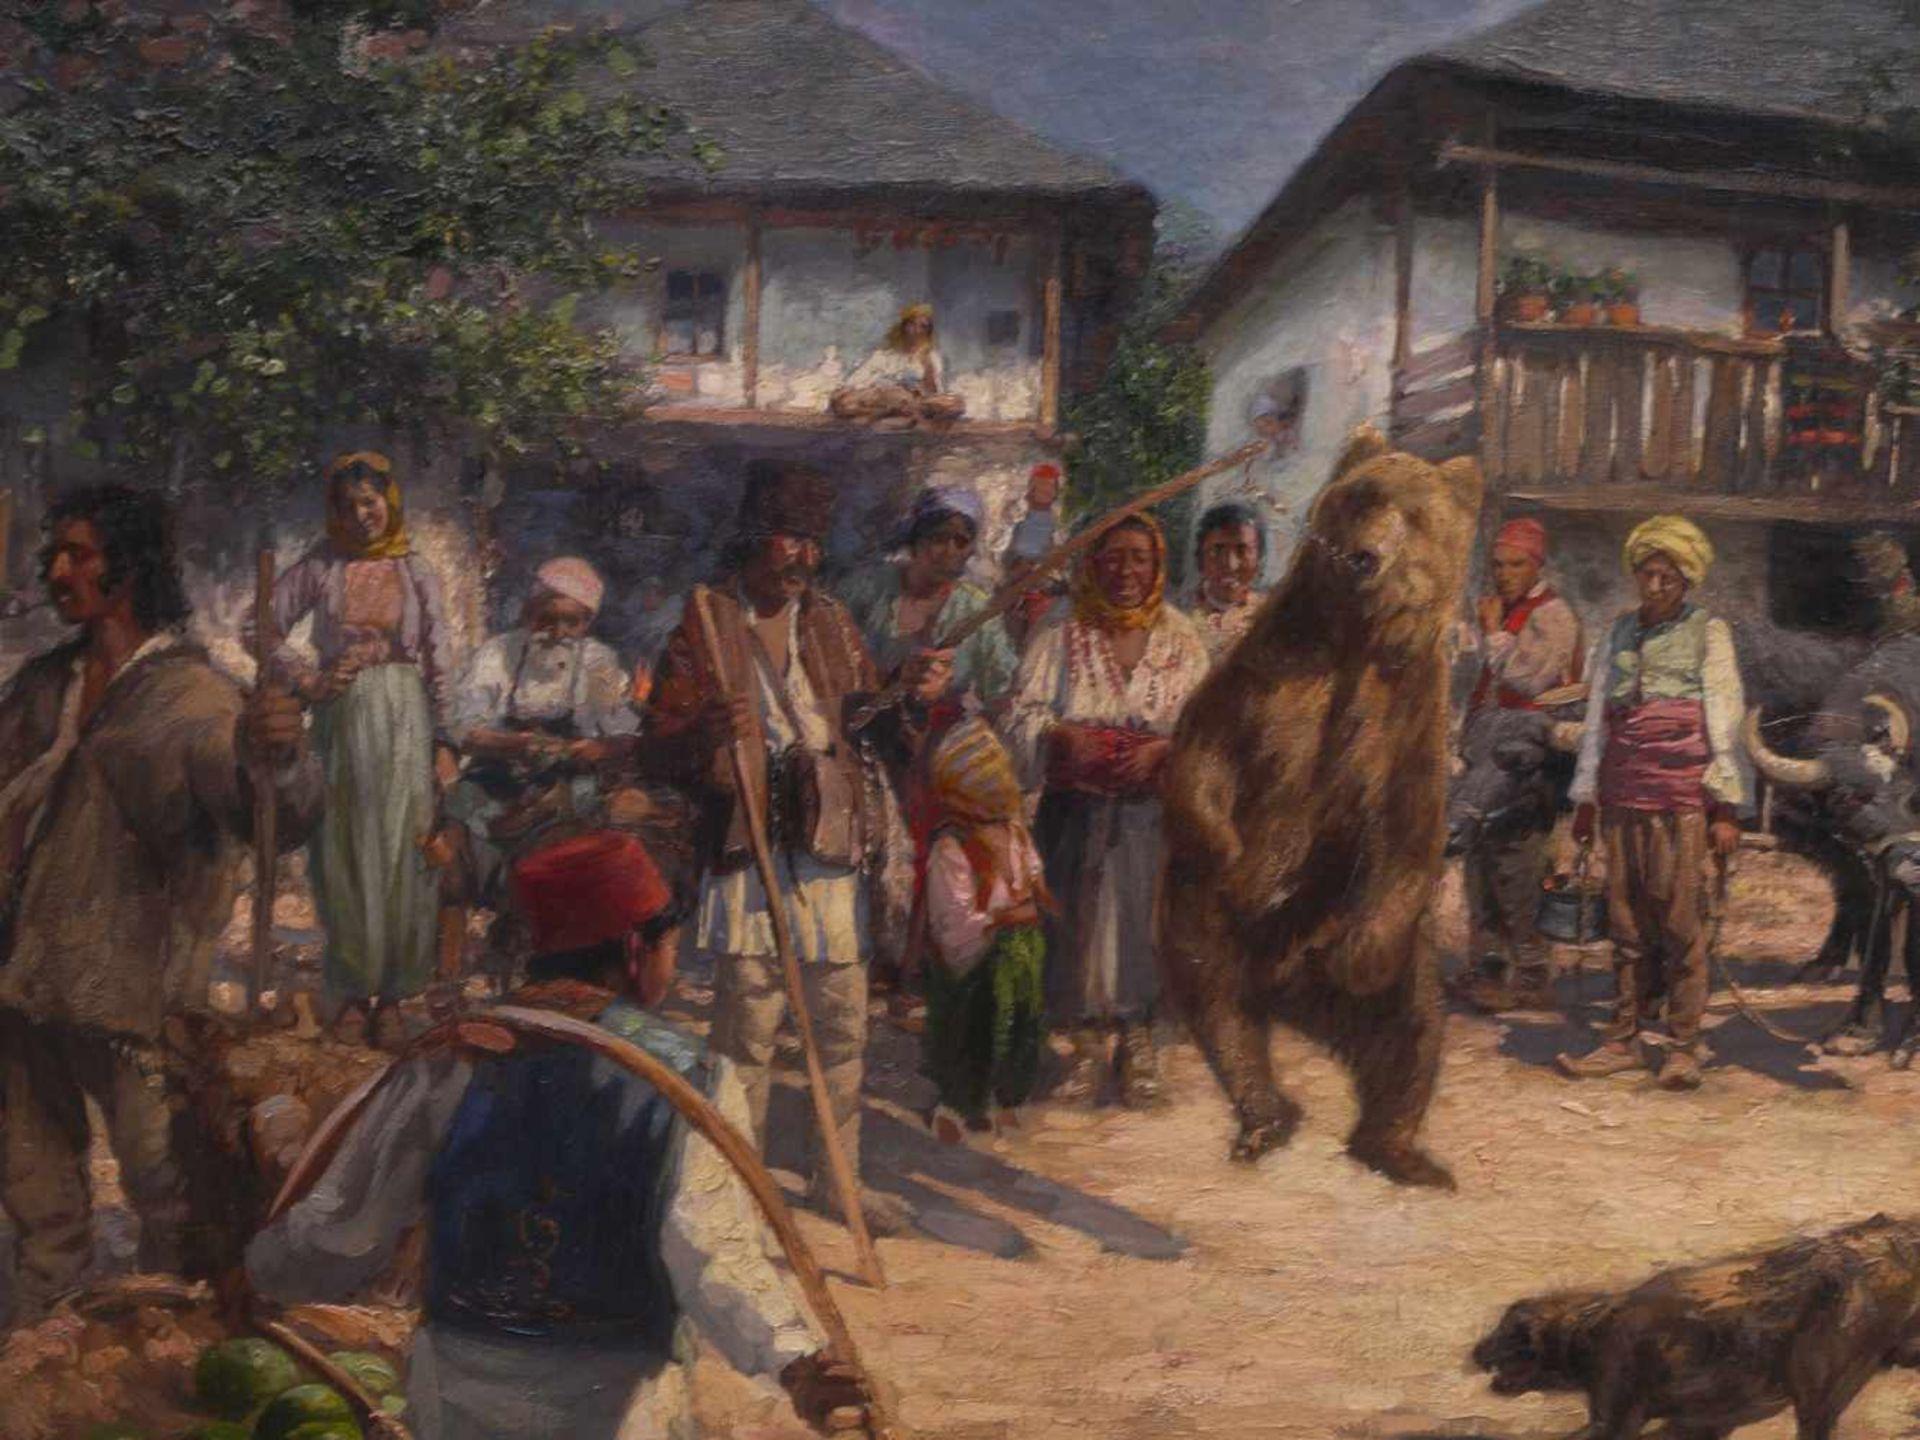 Klingemann, Hugo (1869-1942) - Tanzbär in RumänienDörfliche Szenerie, die Gemeinschaft hat sich - Bild 3 aus 6